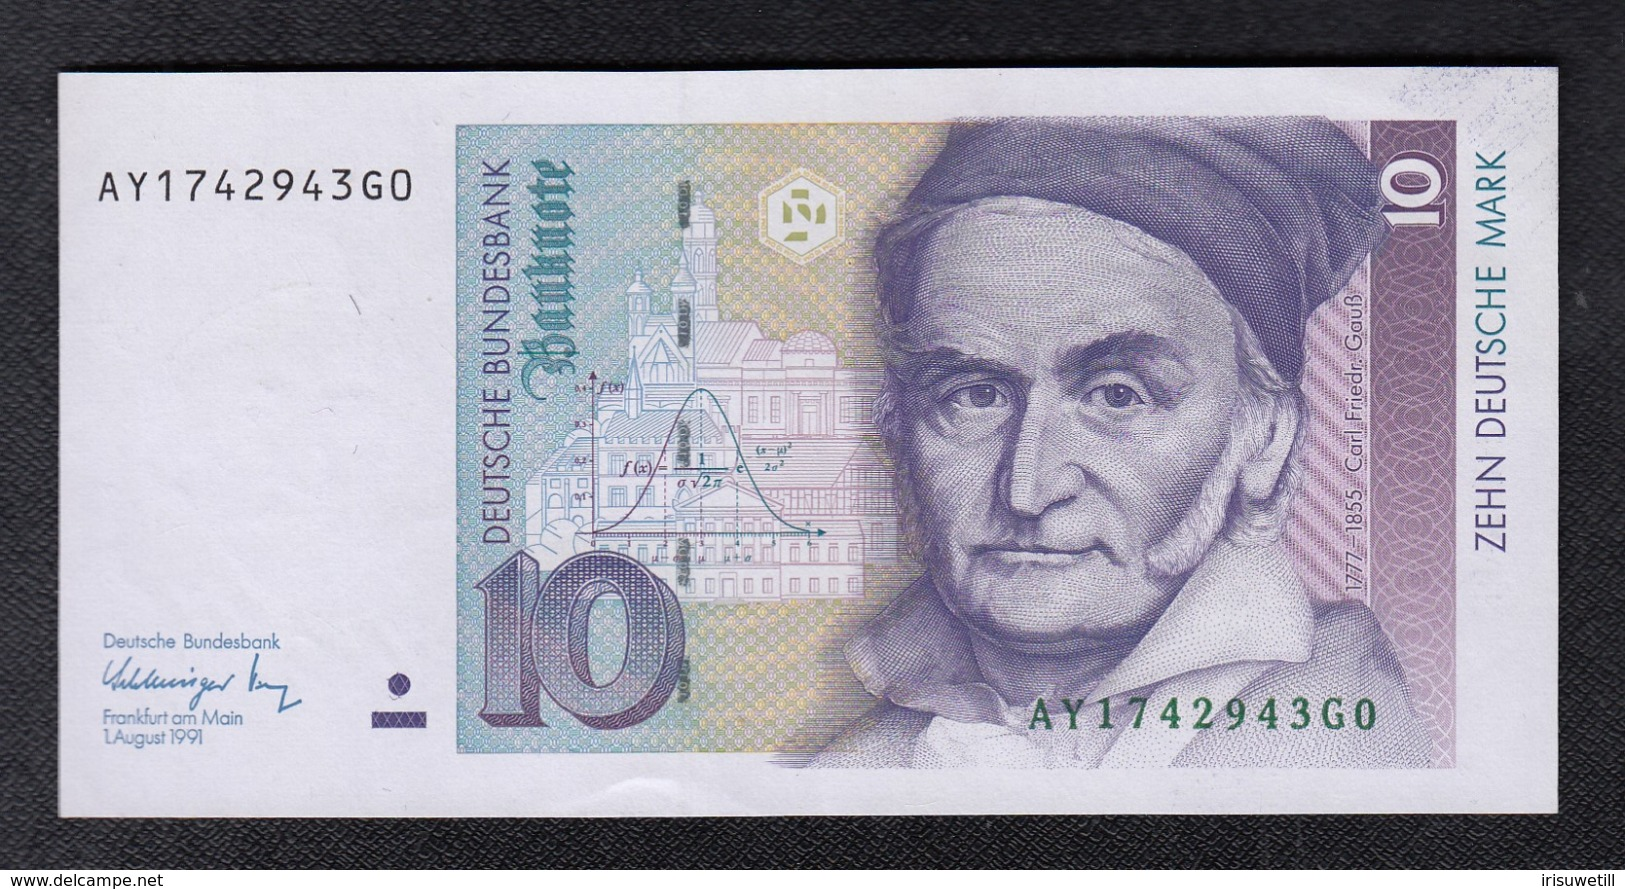 Deutsche Bundesbank 10 DM 1991 - 10 Deutsche Mark